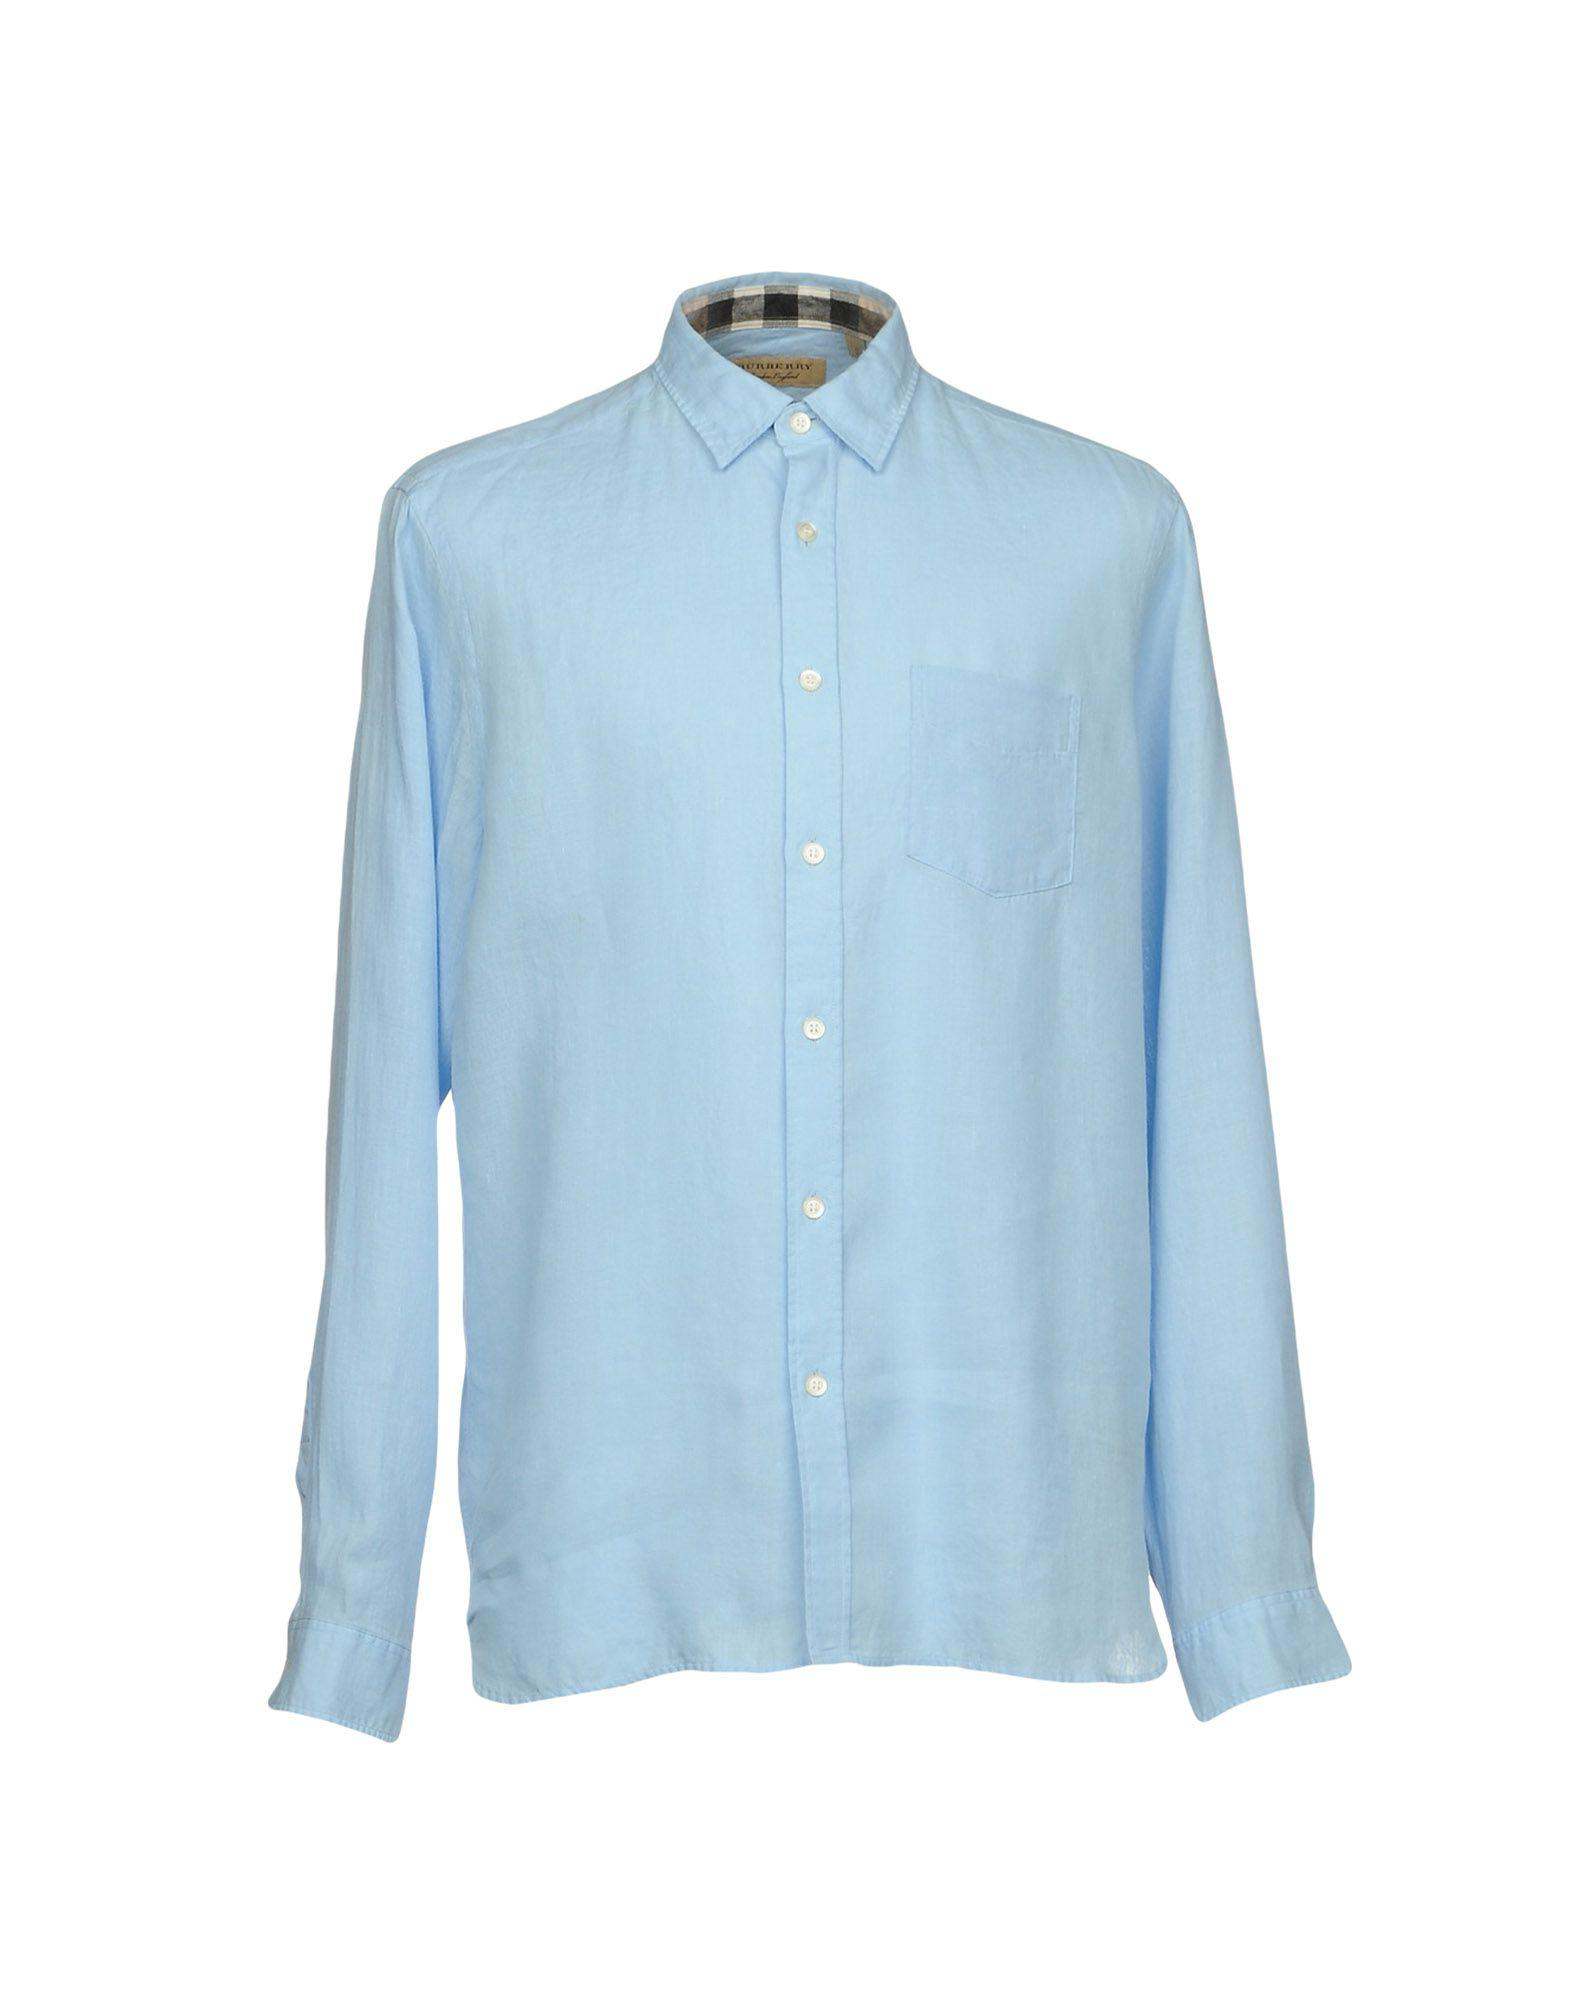 Lyst - Chemise Burberry pour homme en coloris Bleu 3bdf1e59d46